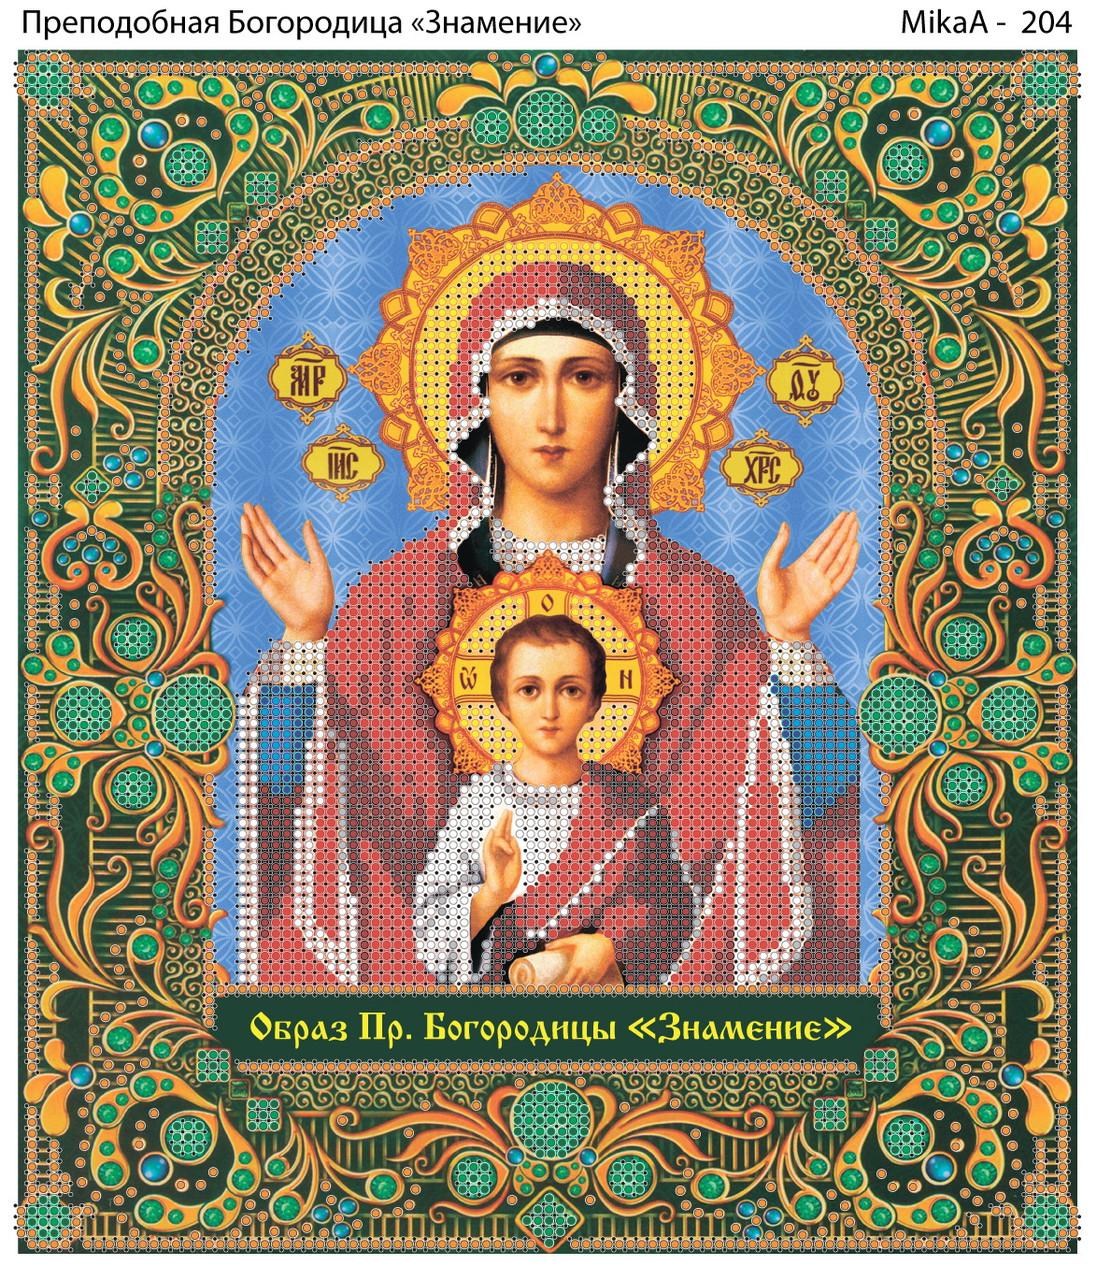 Схема для частичной зашивки бисером  - Икона Божией Матери «Знамение»